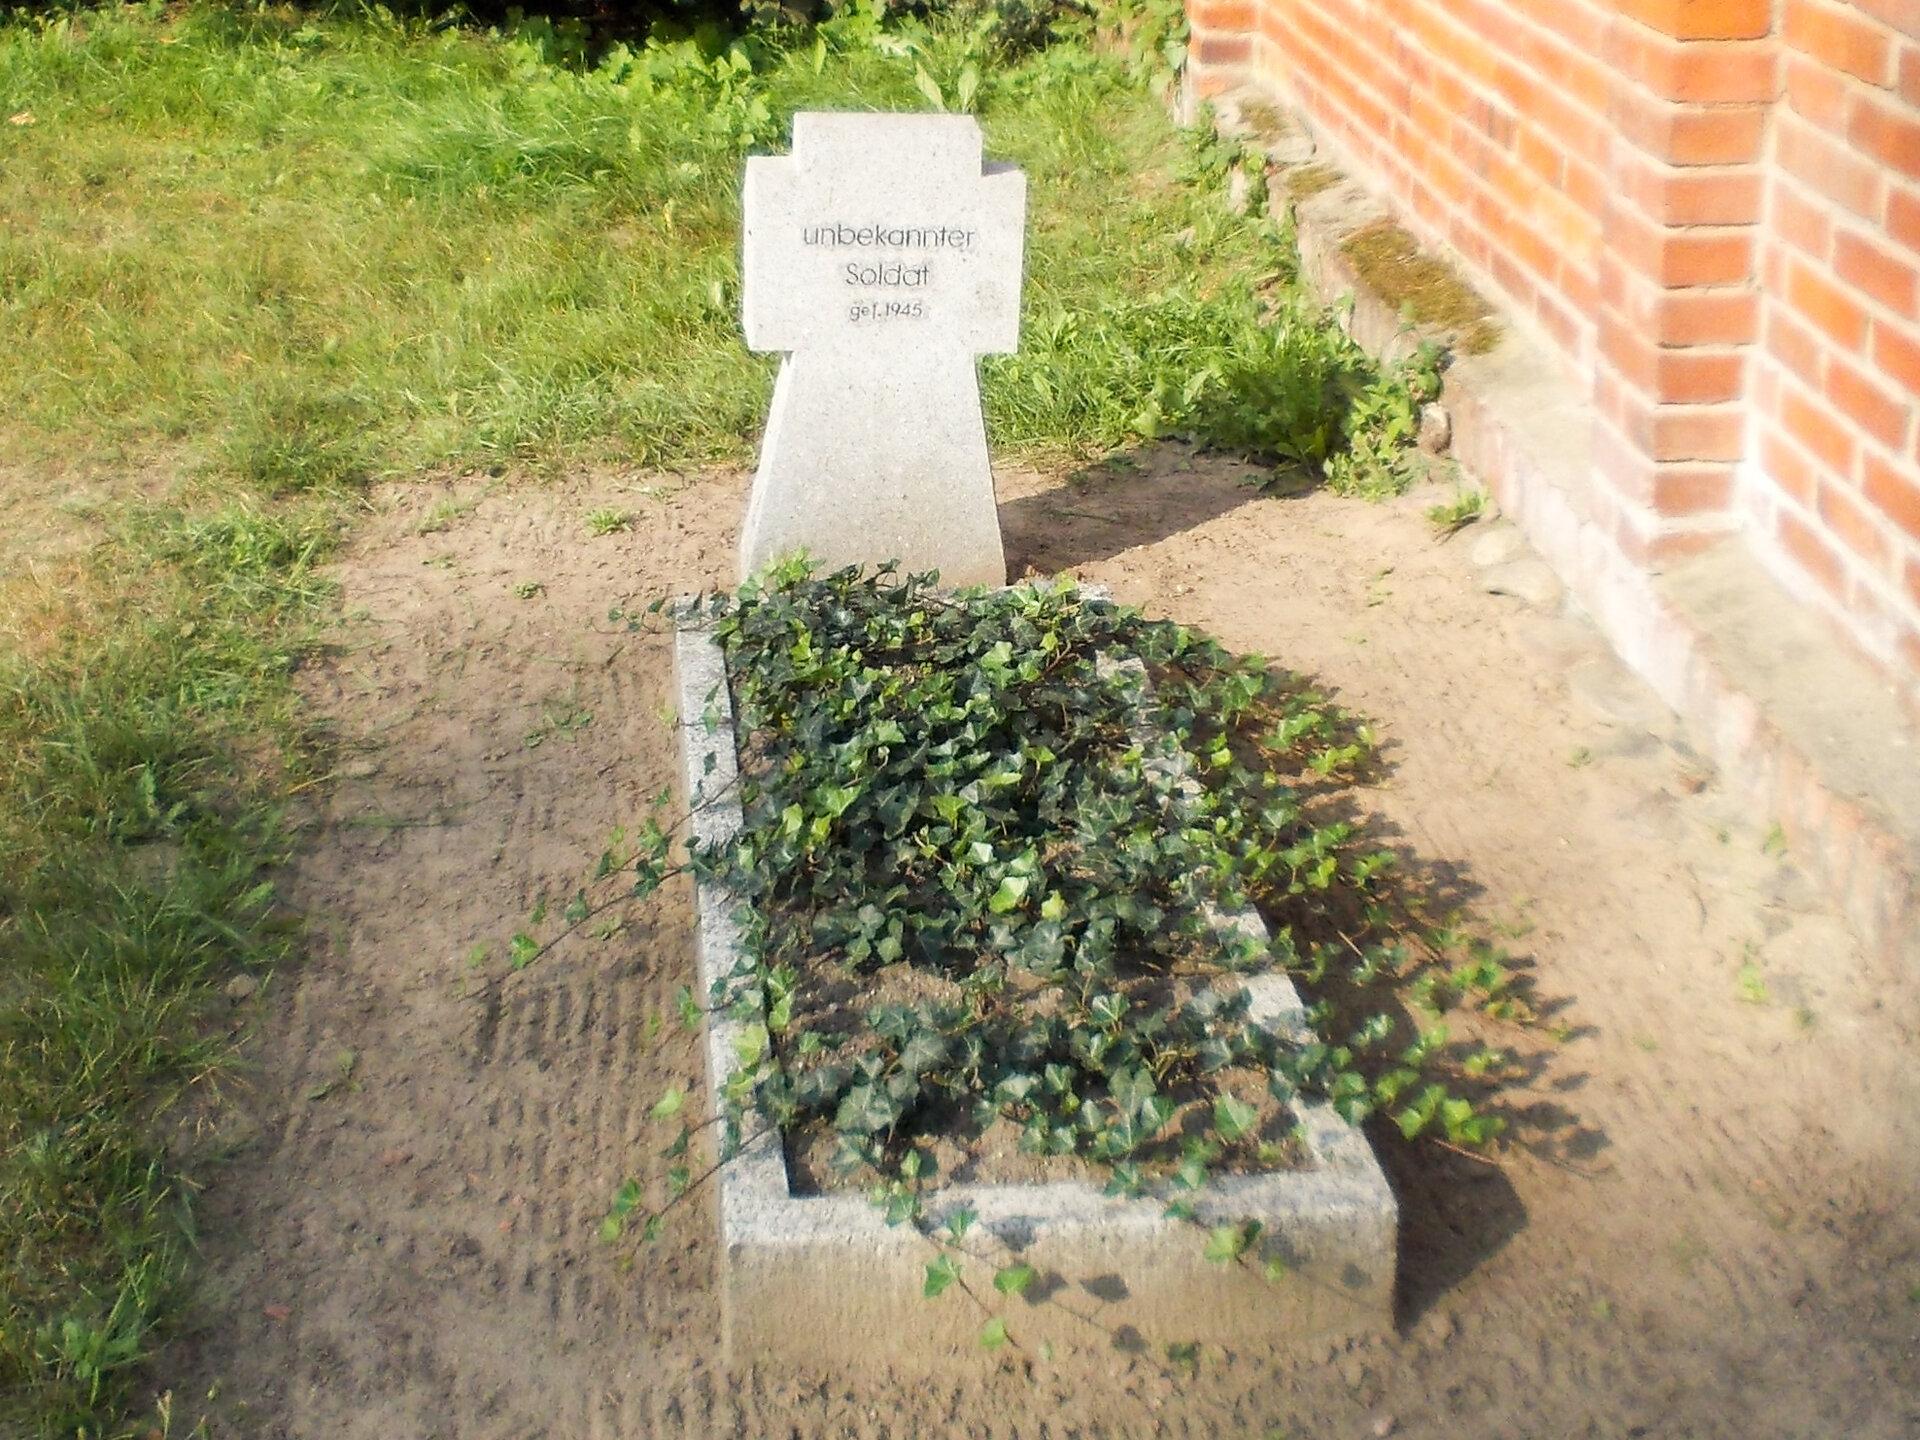 Sarnow, Friedhof: Ehrengrab für einen unbekannten, im Zweiten Weltkrieg gefallenen Soldaten